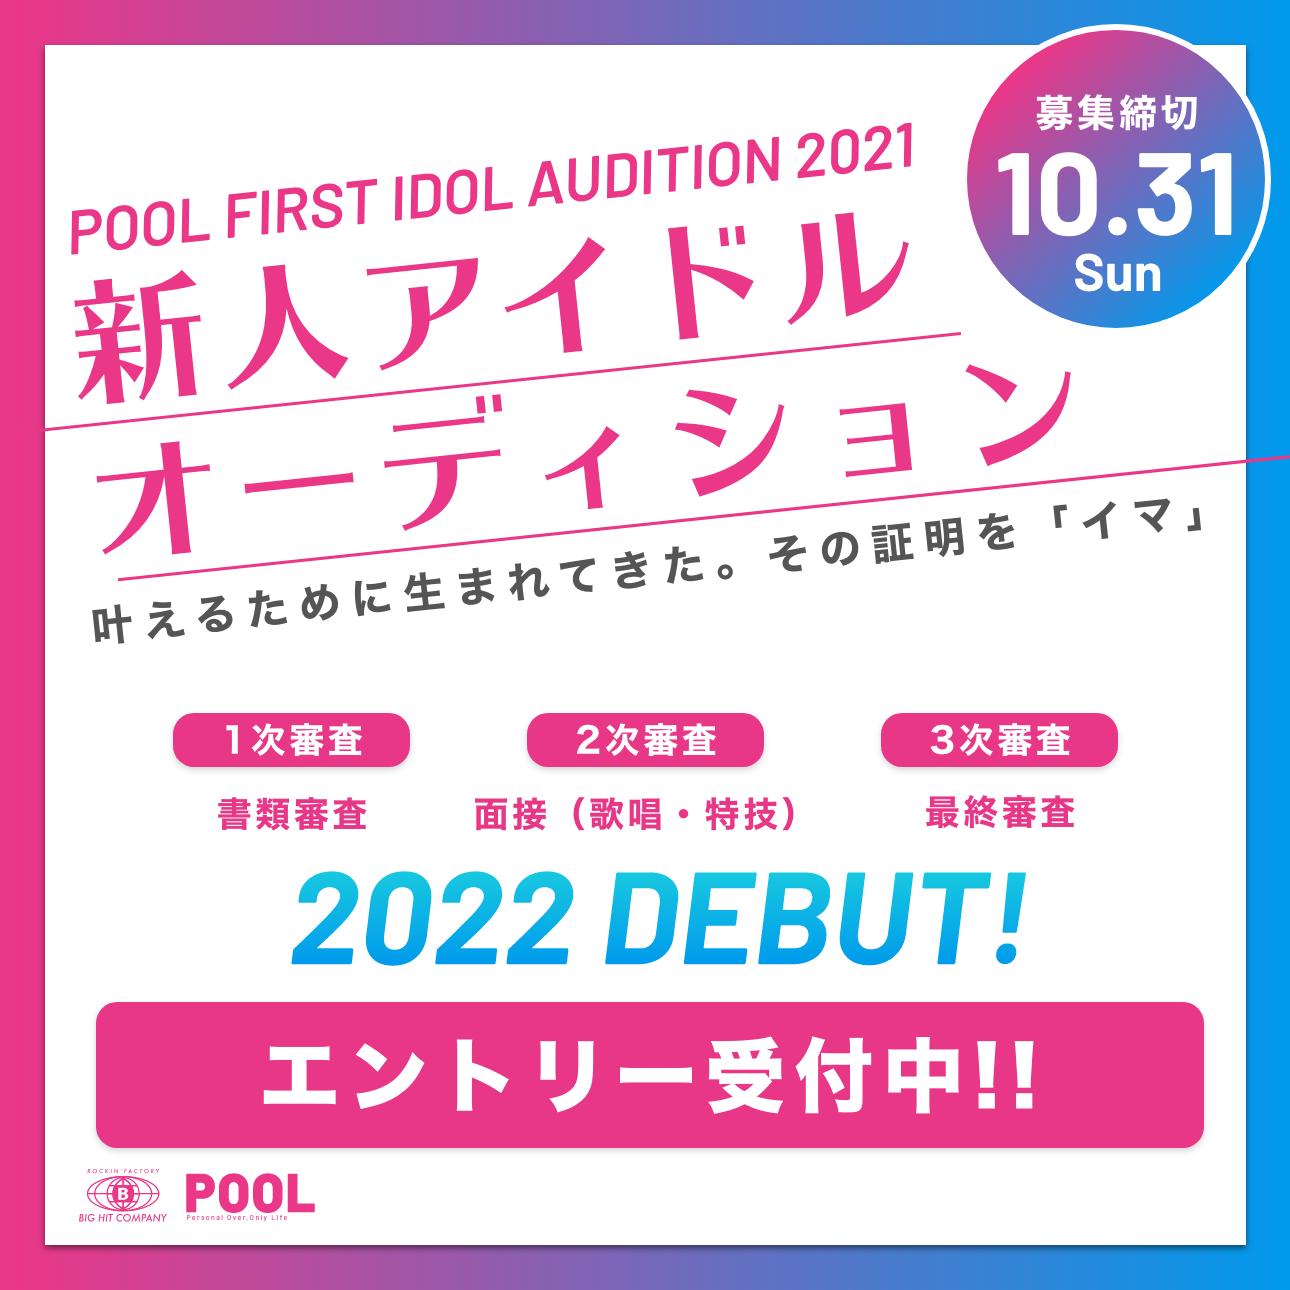 オーディション 「POOL」新規アイドルグループ1期生オーディション 前を向けるアイドル 主催:株式会社ビックヒットカンパニー プロダクション「POOL」、カテゴリ:アイドル(元気系)